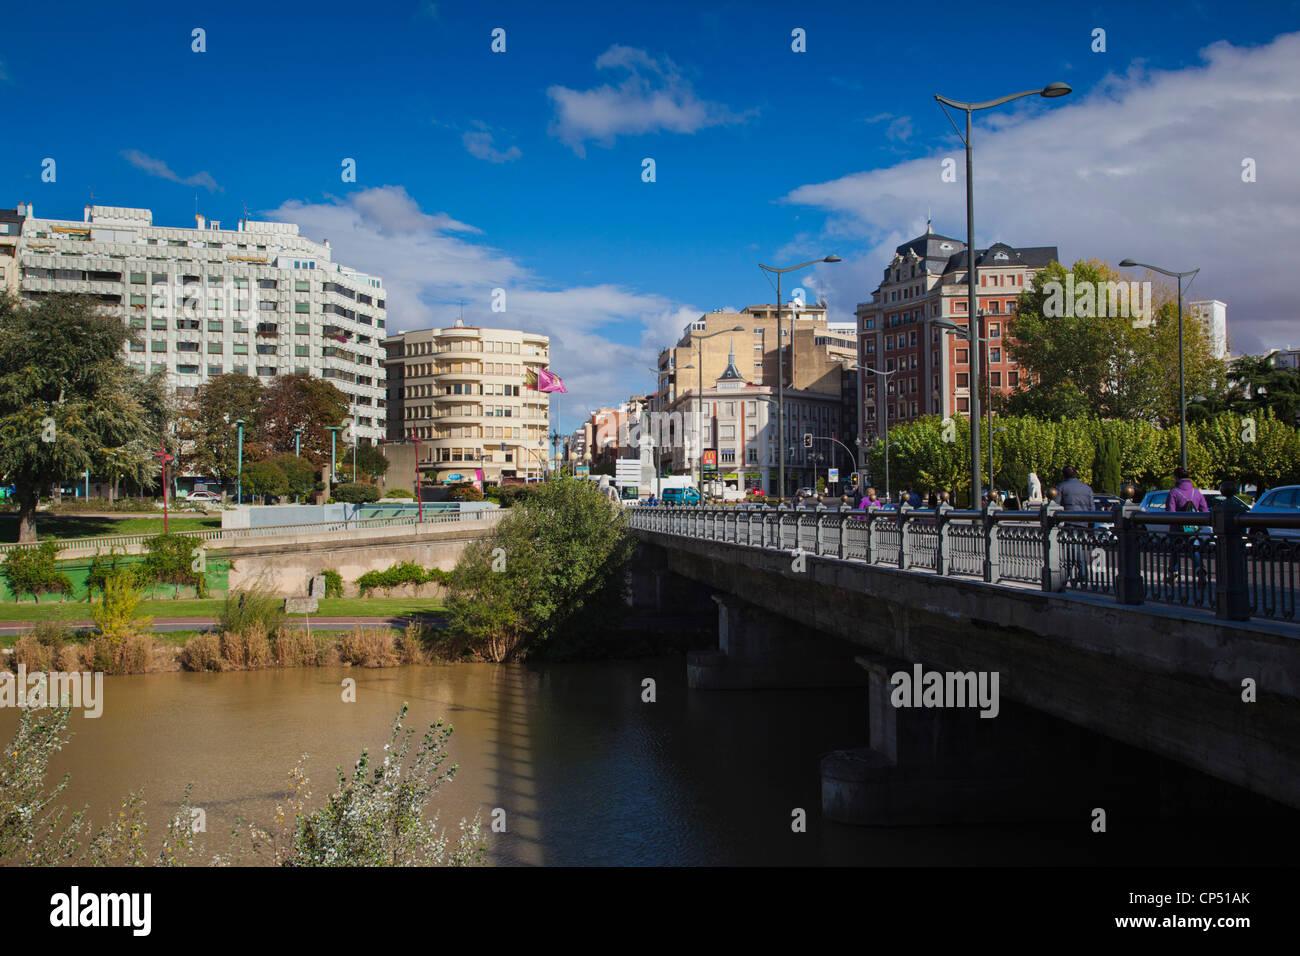 Spain, Castilla y Leon Region, Leon Province, Leon, town view from the Avenida de Palencia - Stock Image